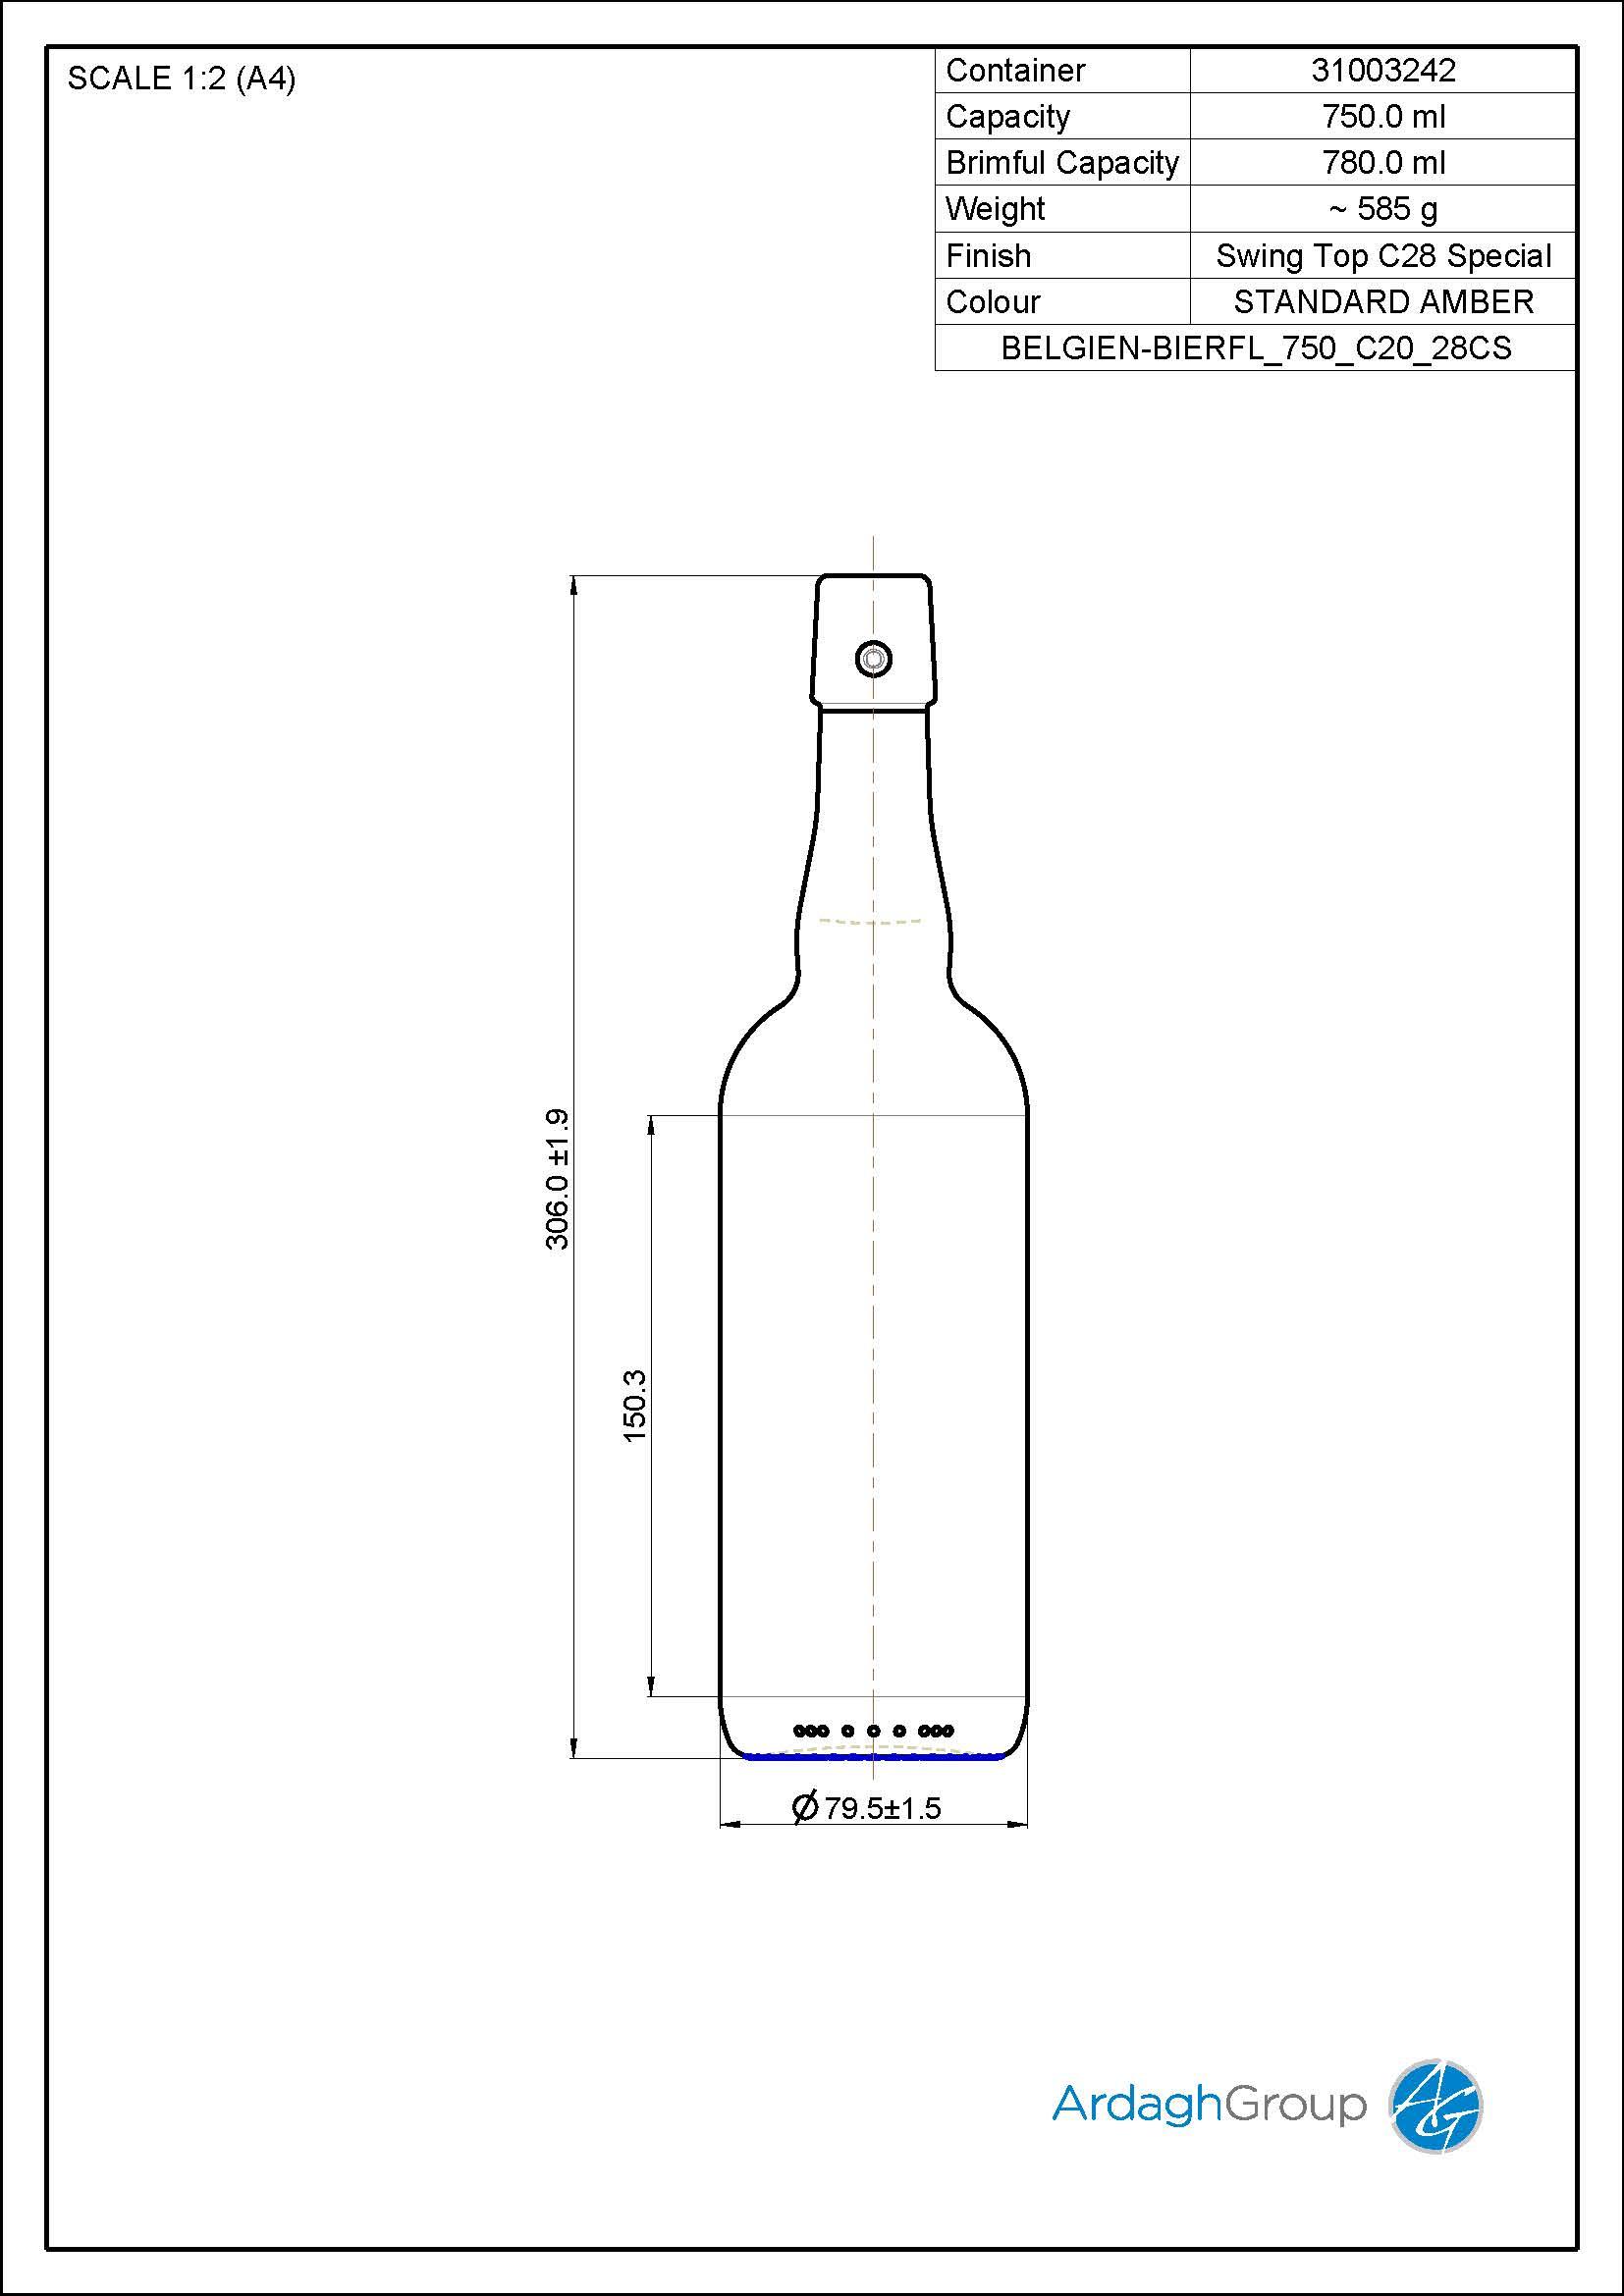 750ml amber glass Belgien returnable beer bottle